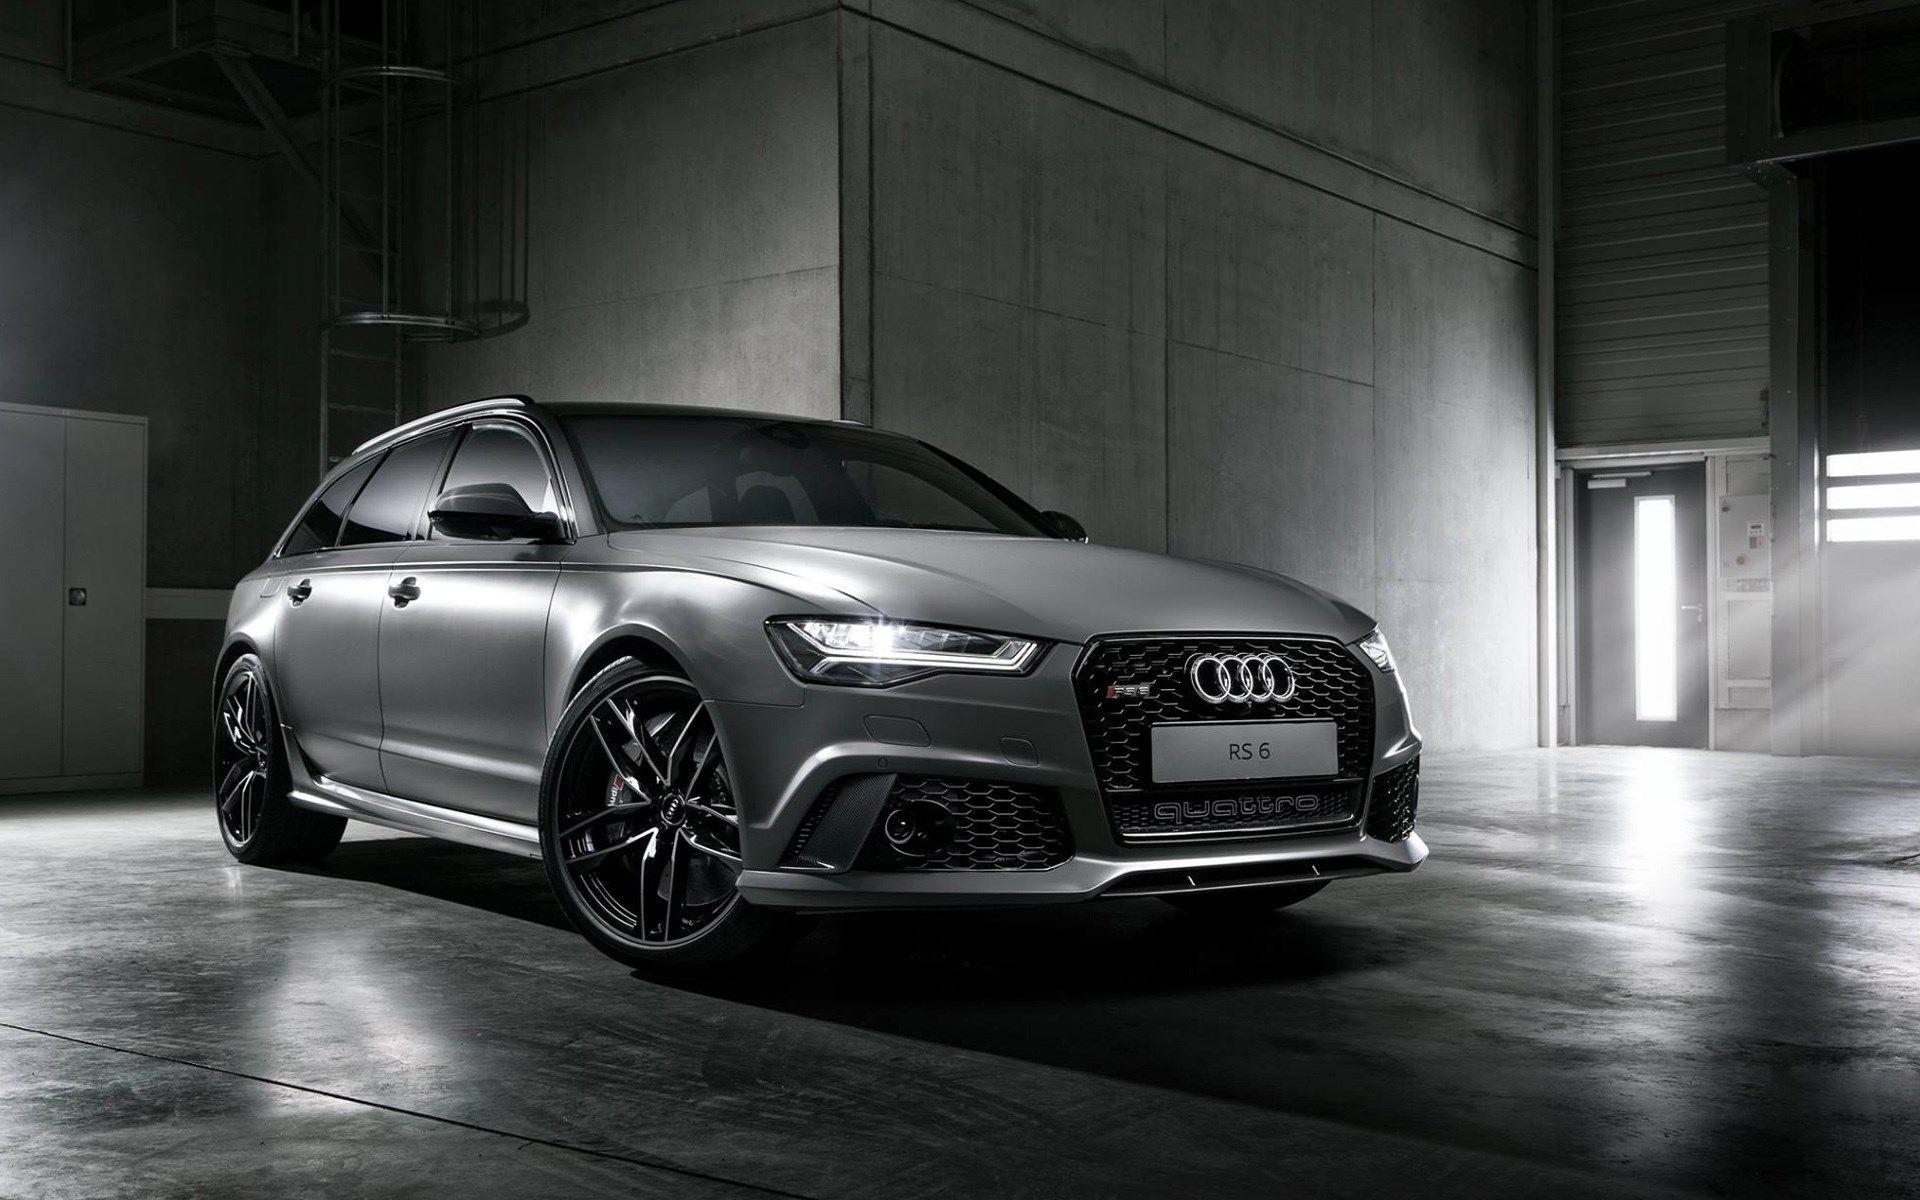 Audi s6 wallpaper